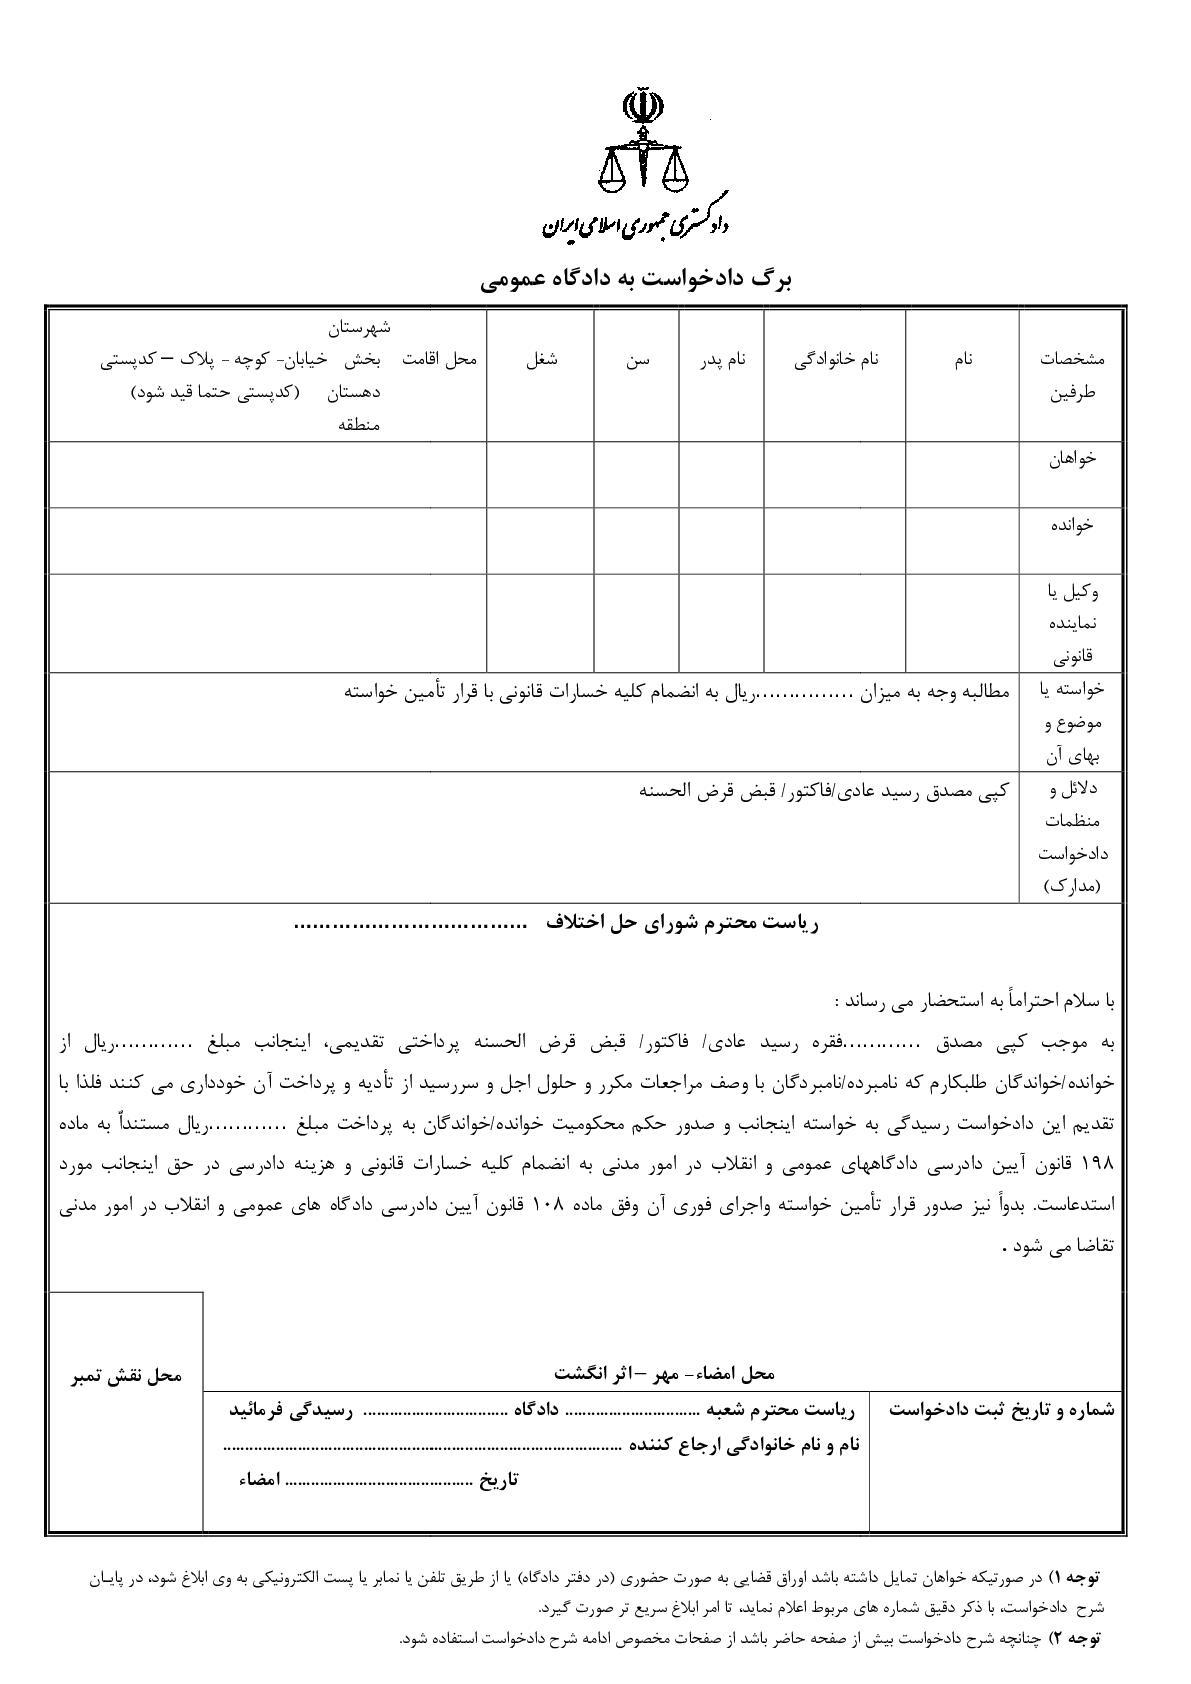 دادخواست مطالبه وجه رسید عادی/ فاکتور/قرض الحسنه با قرار تامین خواسته از شورای حل اختلاف